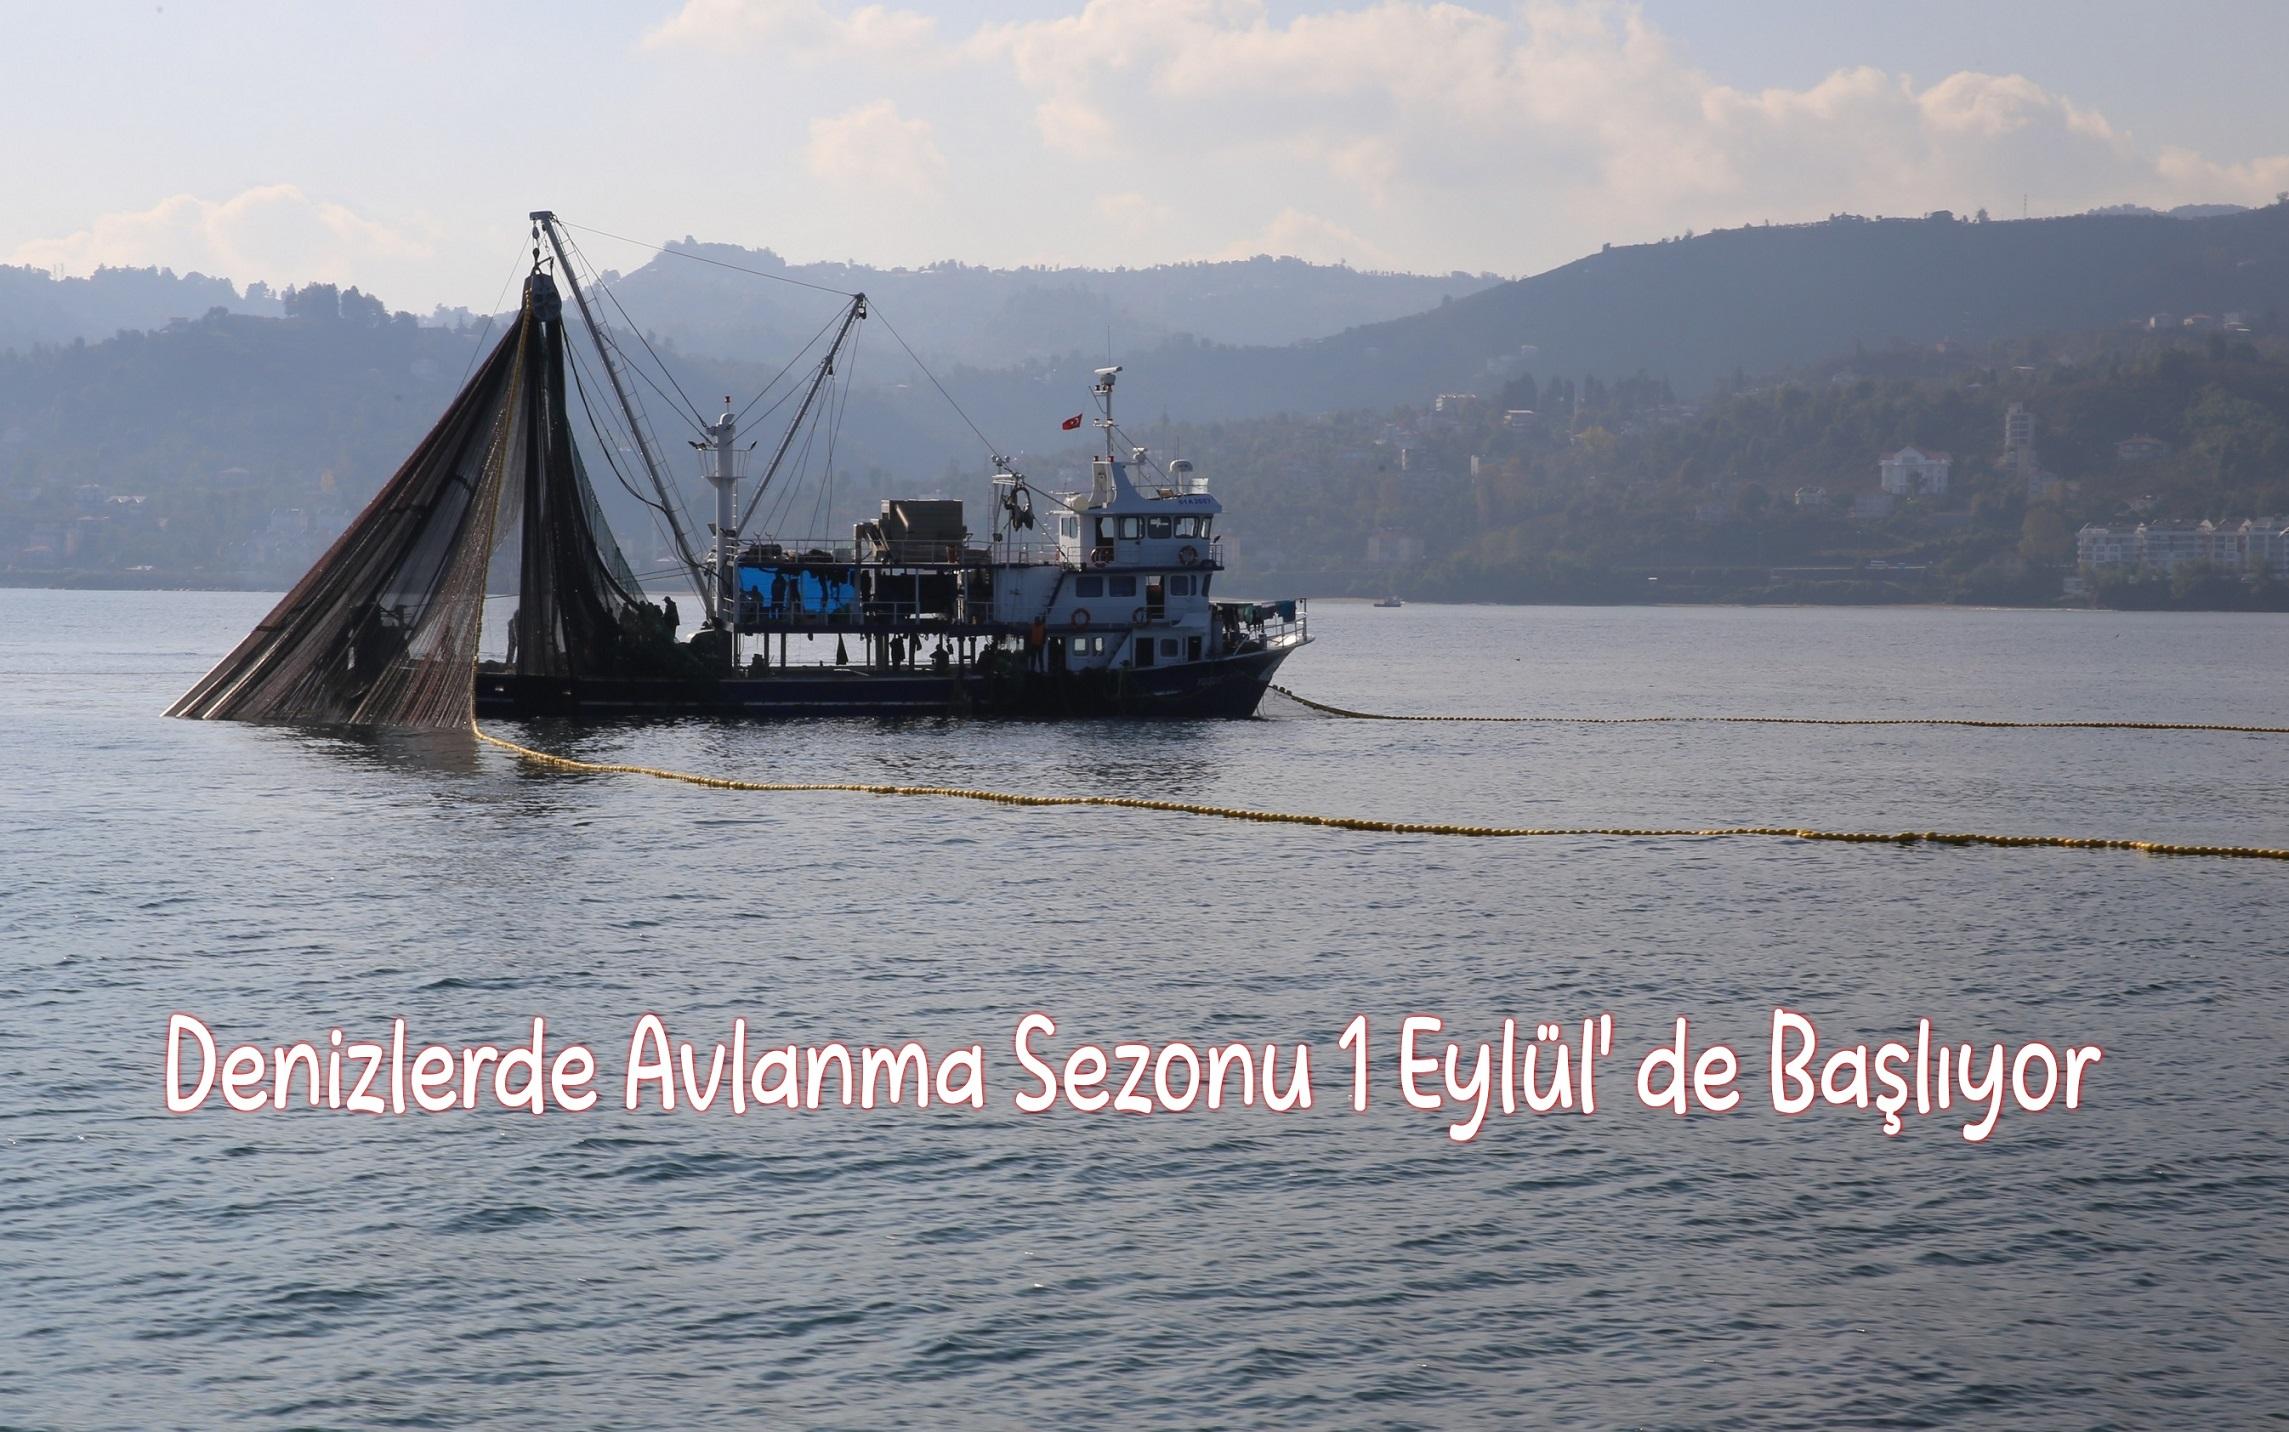 Denizlerde Avlanma Sezonu 1 Eylül' de Başlıyor